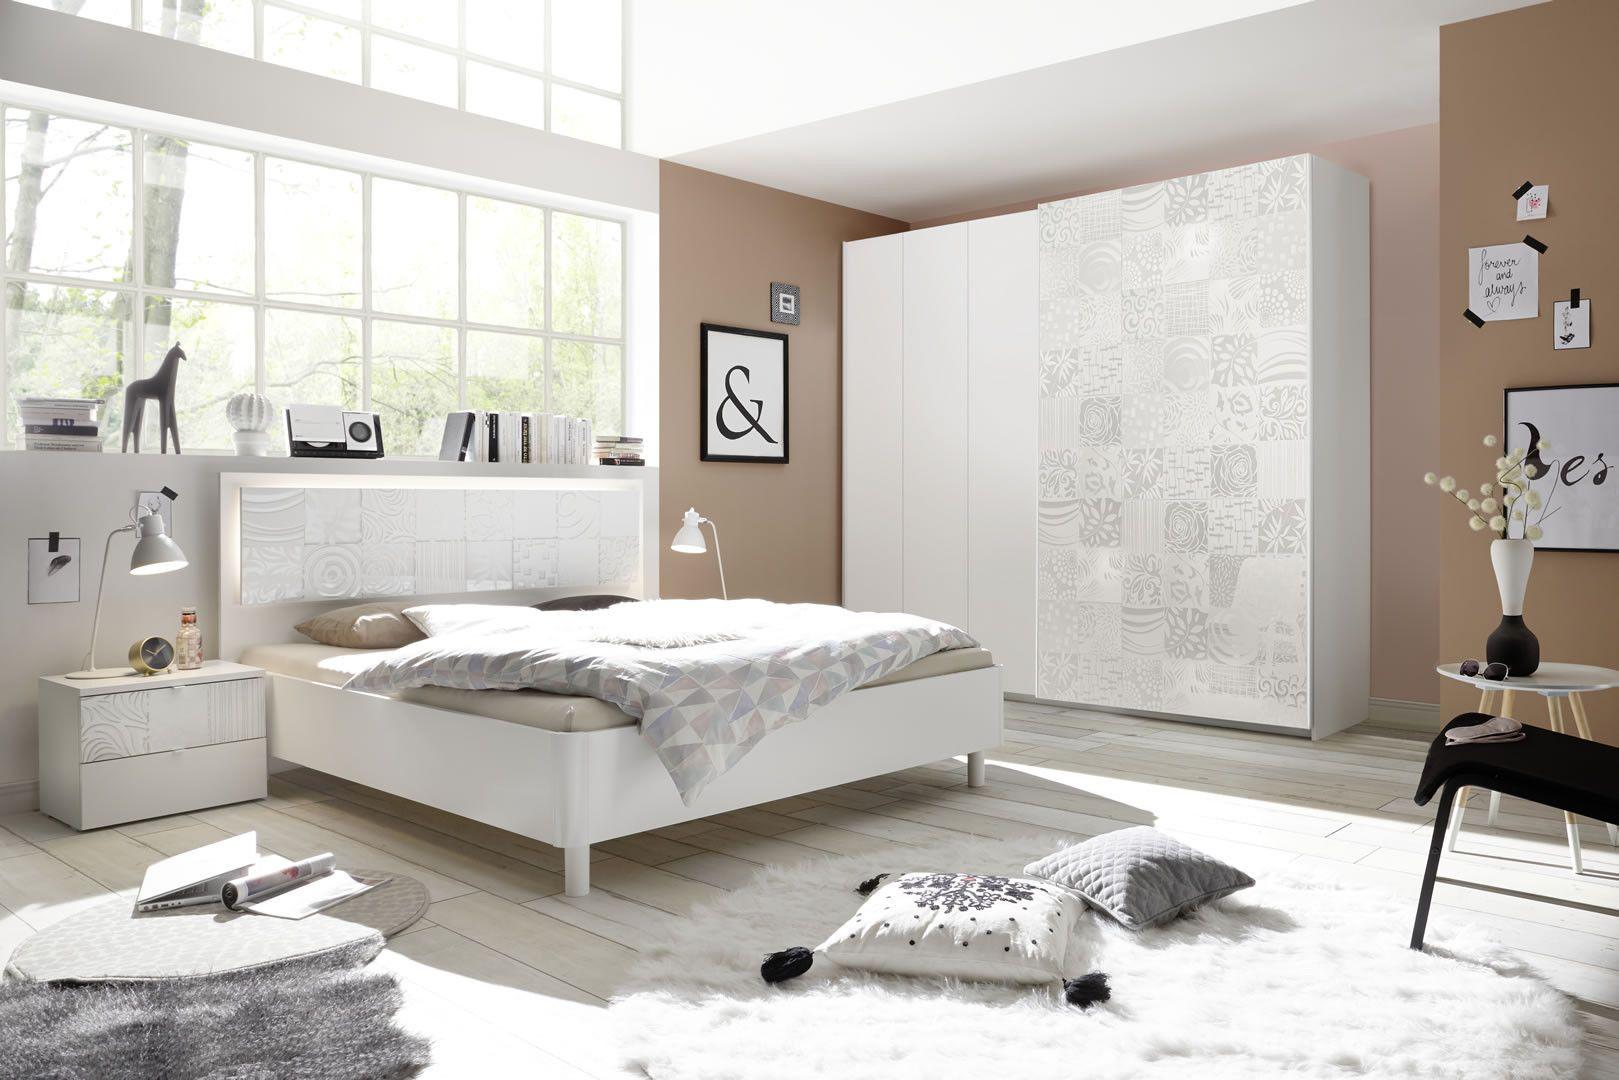 Chambres complète adulte - Chambre adultes complète design avec ...